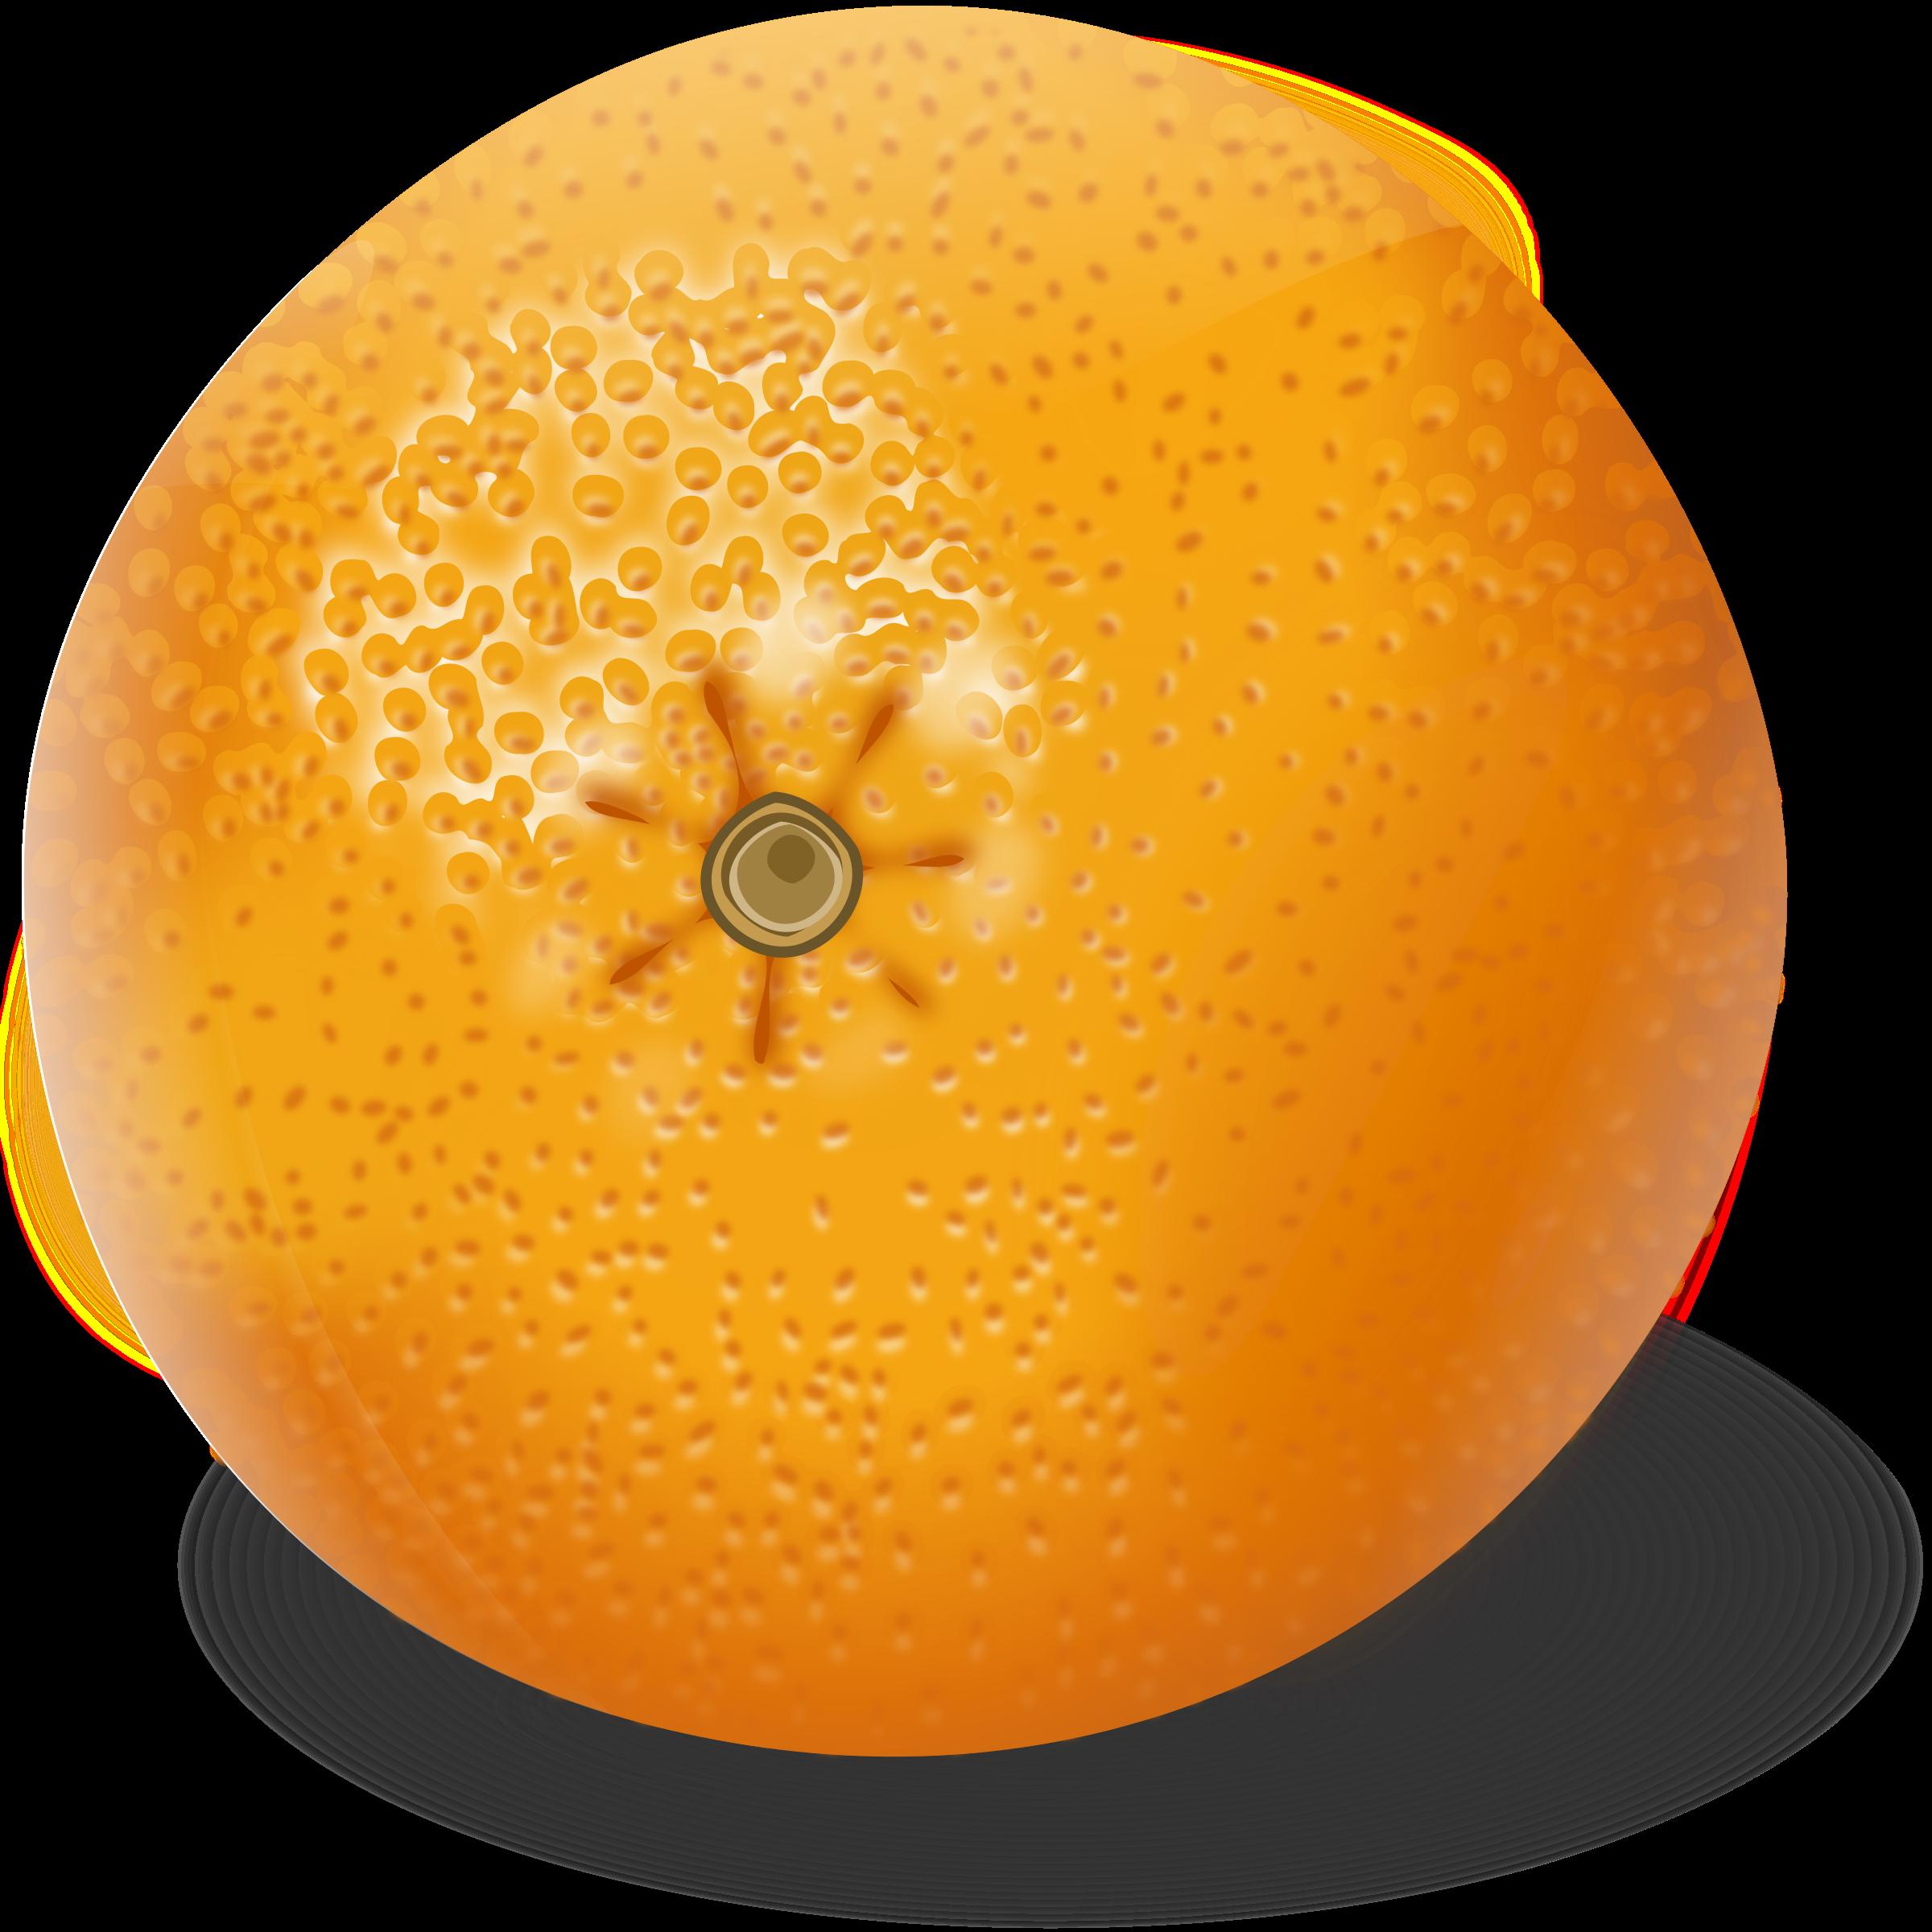 Apelsinas big image png. Orange clipart orange fruit